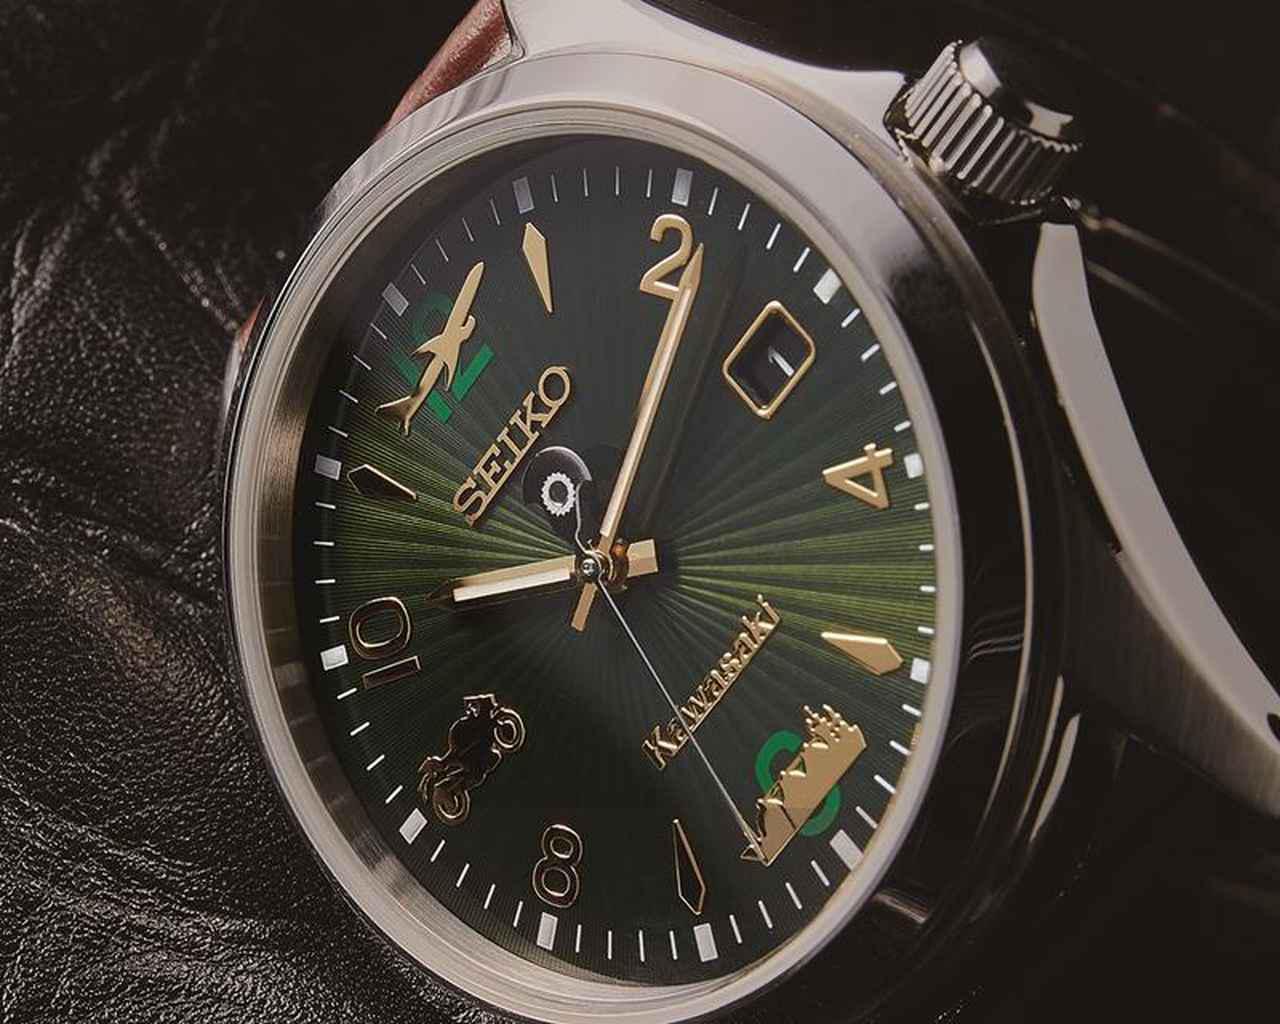 画像: カワサキがセイコーと初コラボ! 文字板にバイク・船・飛行機をあしらった腕時計「カワサキ×SEIKO LSAウオッチ」 - webオートバイ